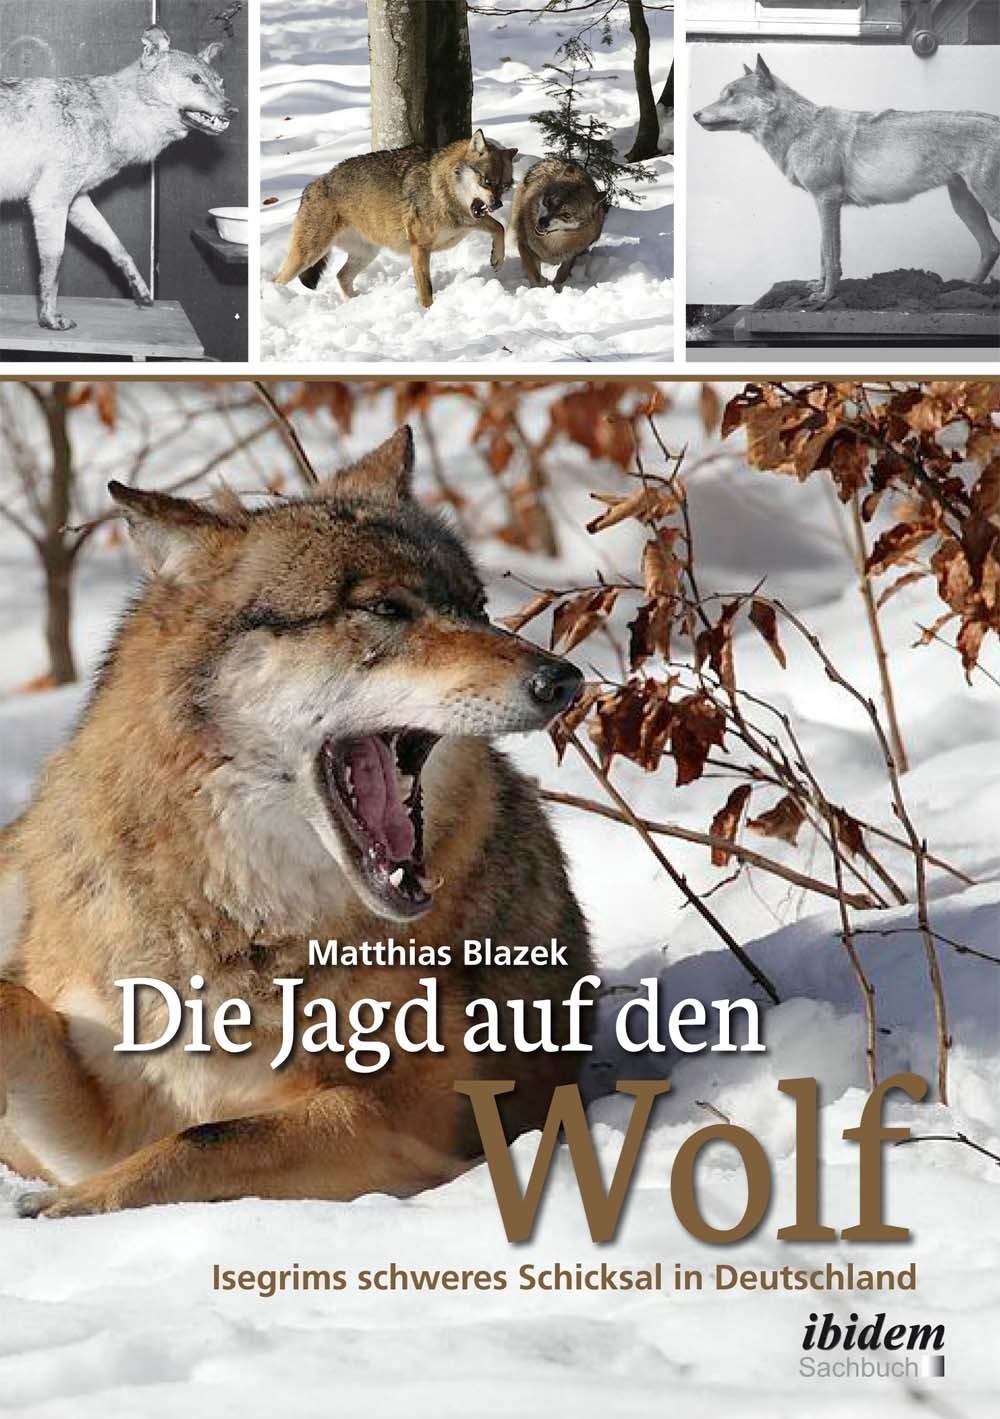 Die Jagd auf den Wolf